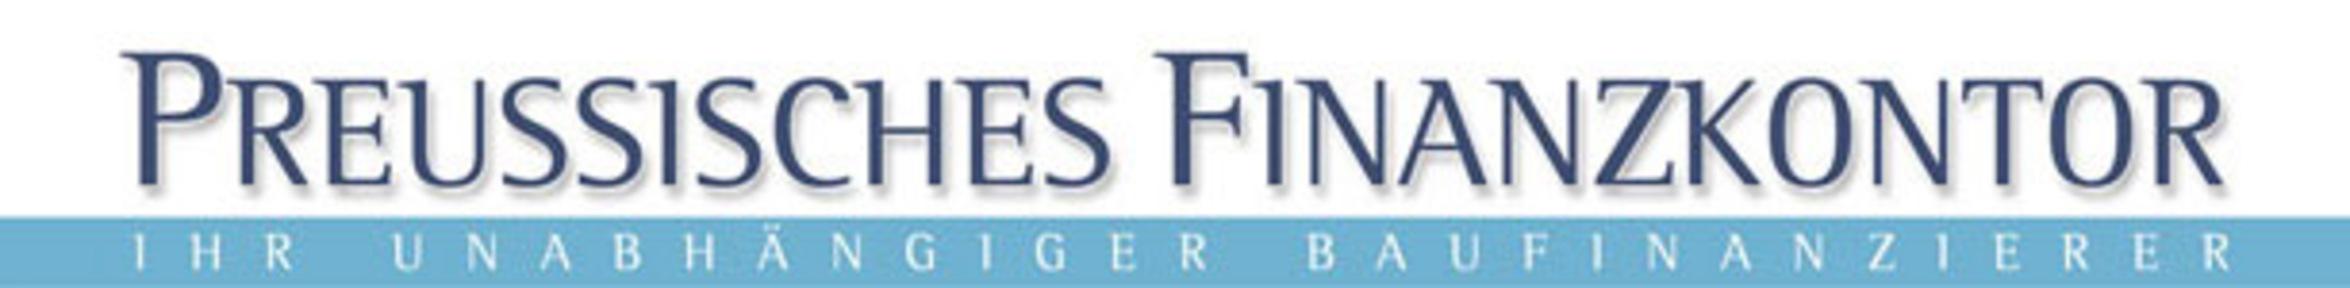 Preussisches Finanzkontor